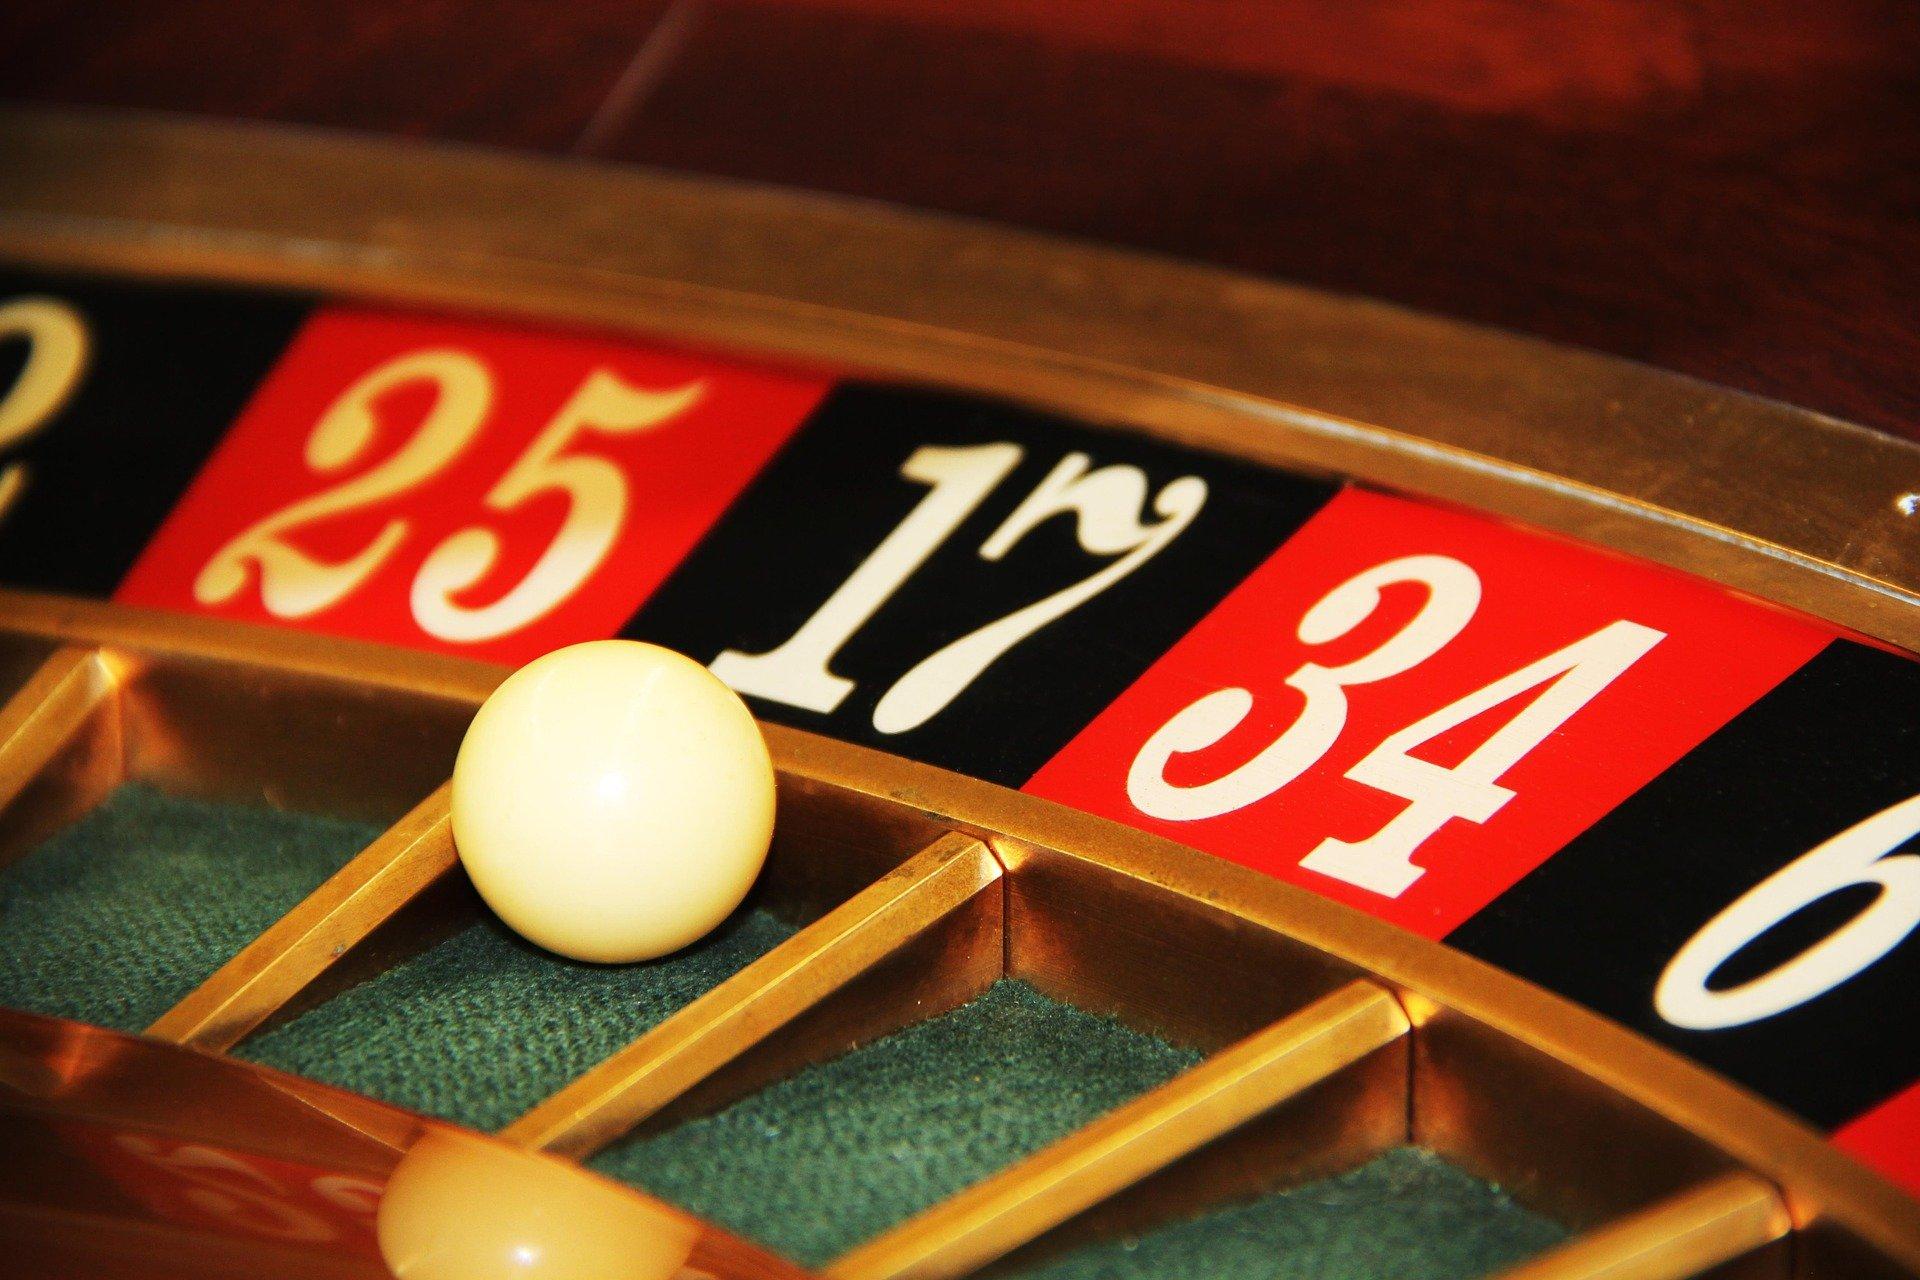 Seriöse Online-Casinos lassen sich heute durchaus finden. Dafür sollten Spieler einige Aspekte beachten.